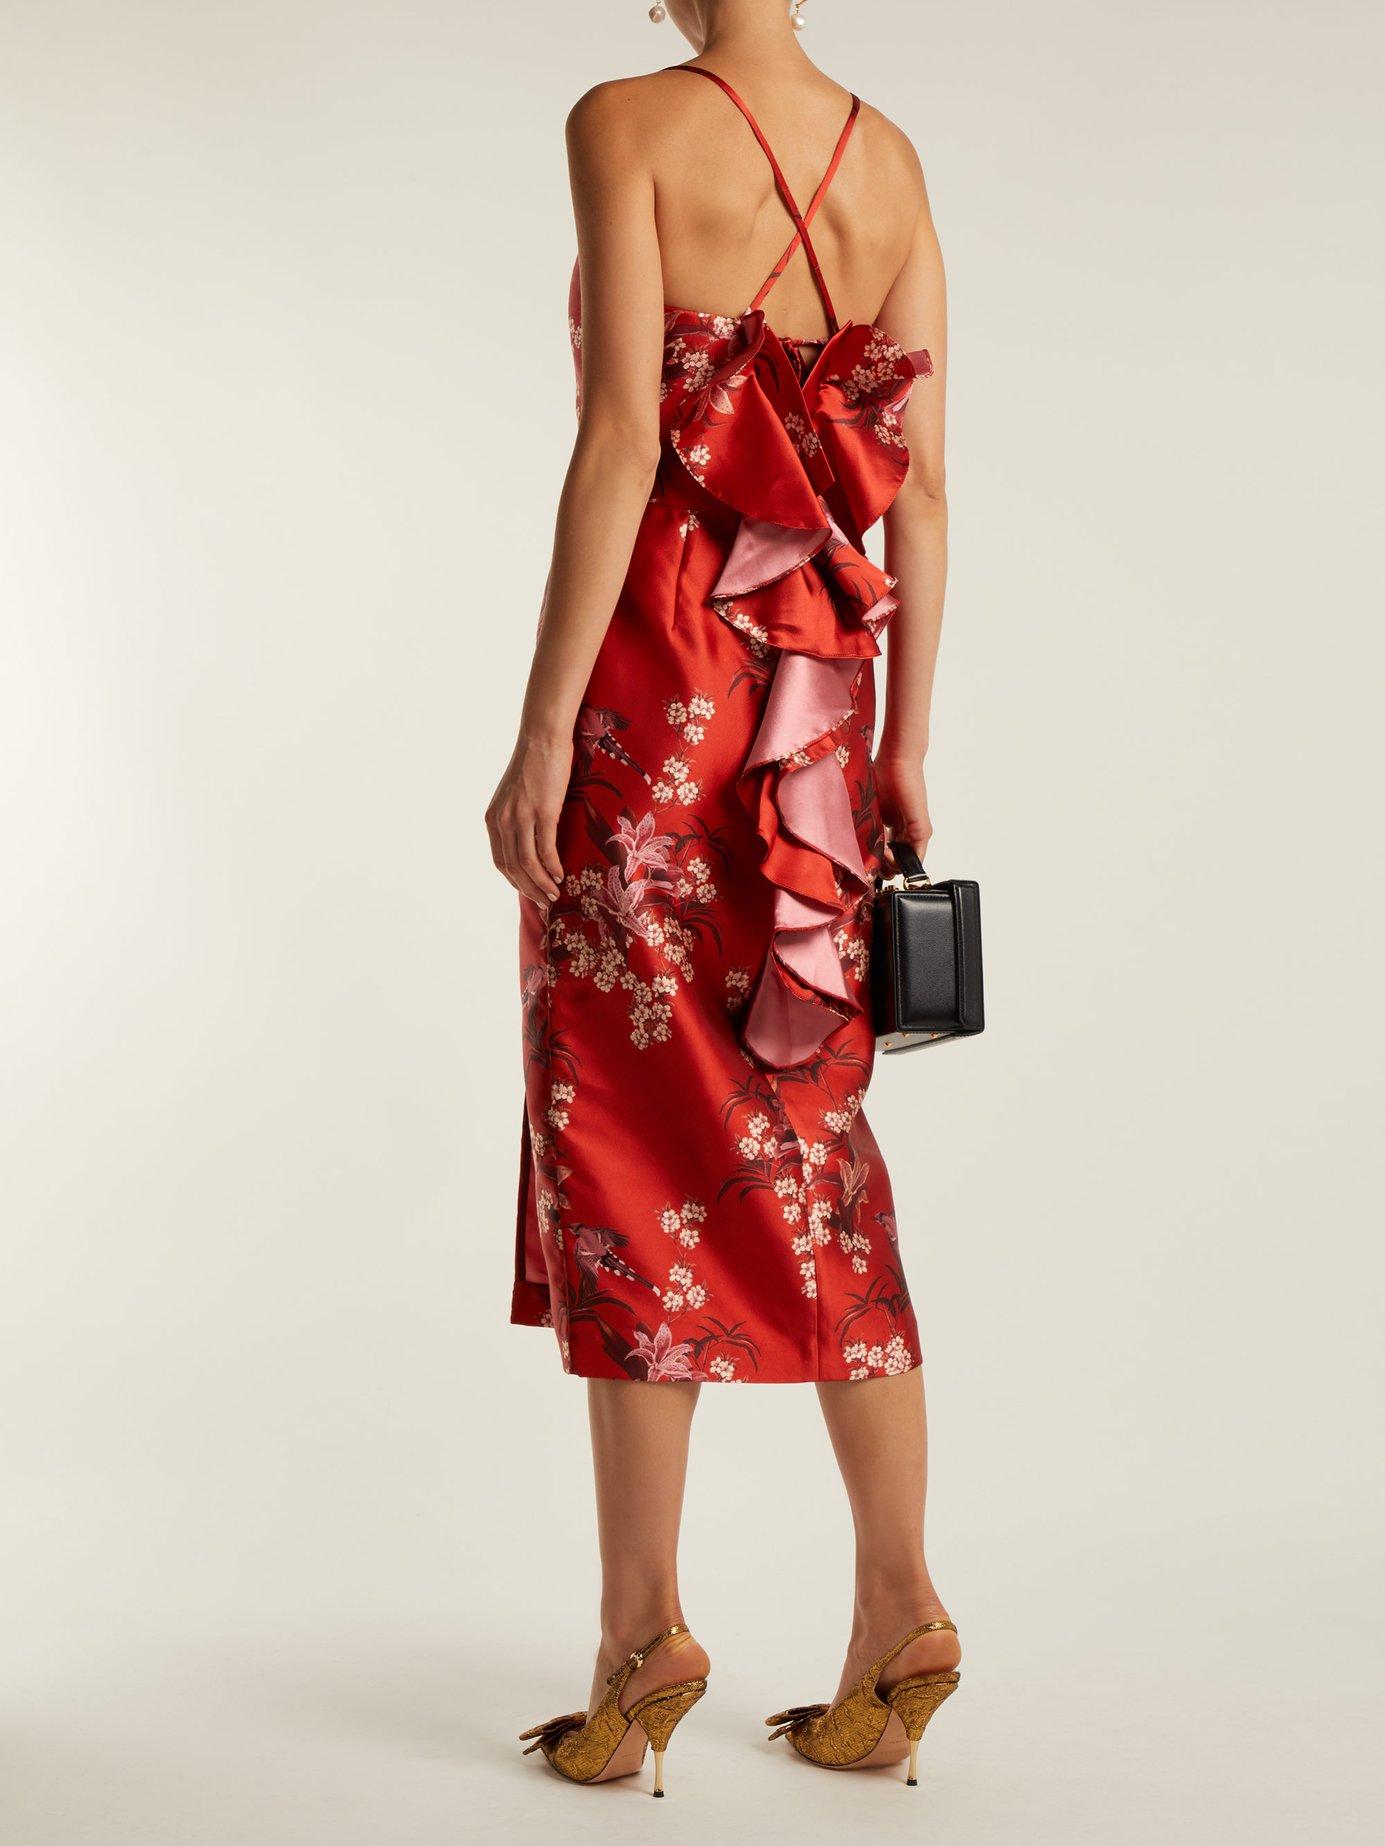 El Dia Que Me Quieras floral-print satin dress by Johanna Ortiz